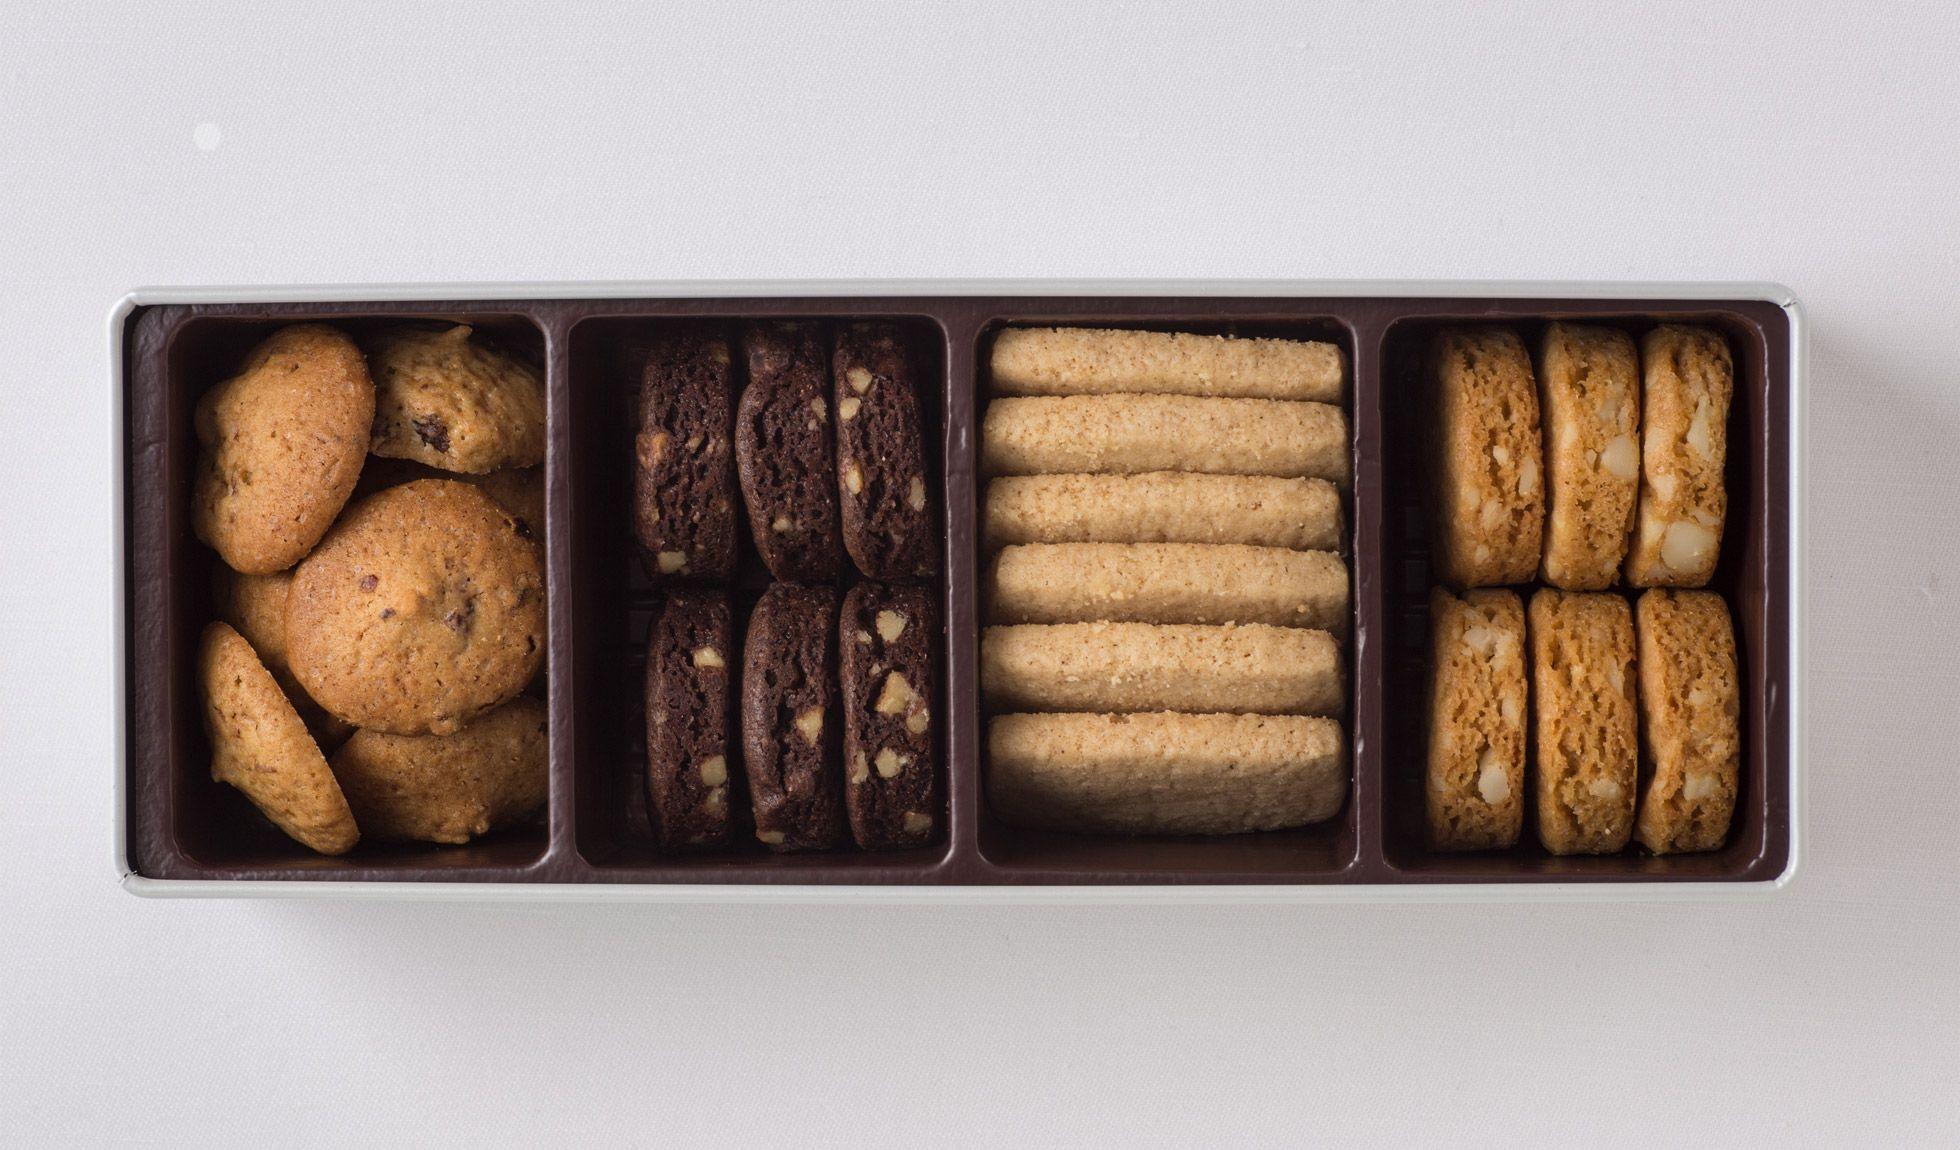 クッキーボックス アメリカン